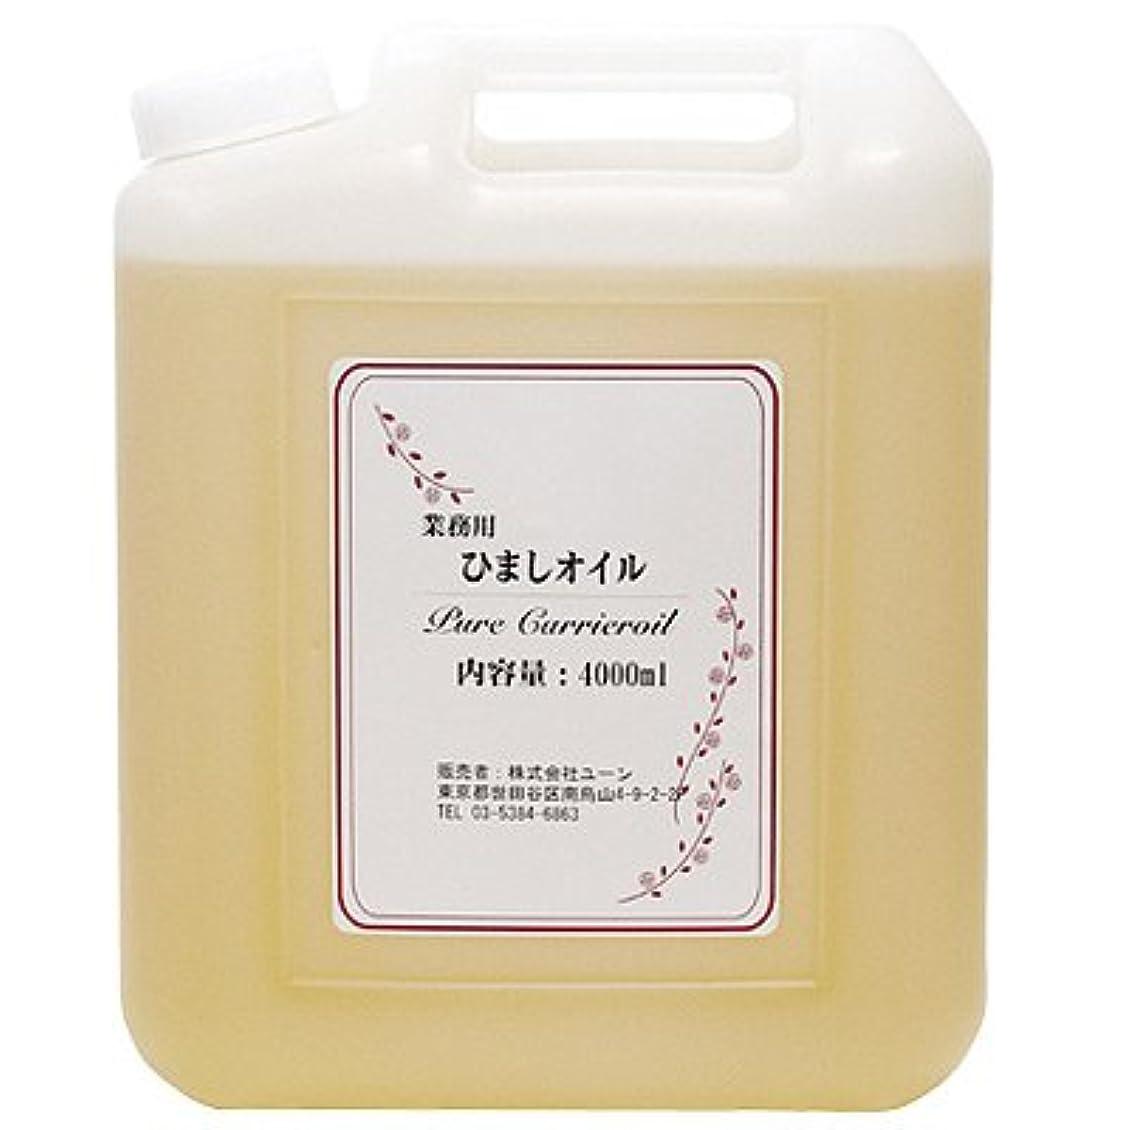 フォーマル灰おばさんひまし油 4000ml(ヒマシ油ヒマシオイル業務用):マッサージオイル